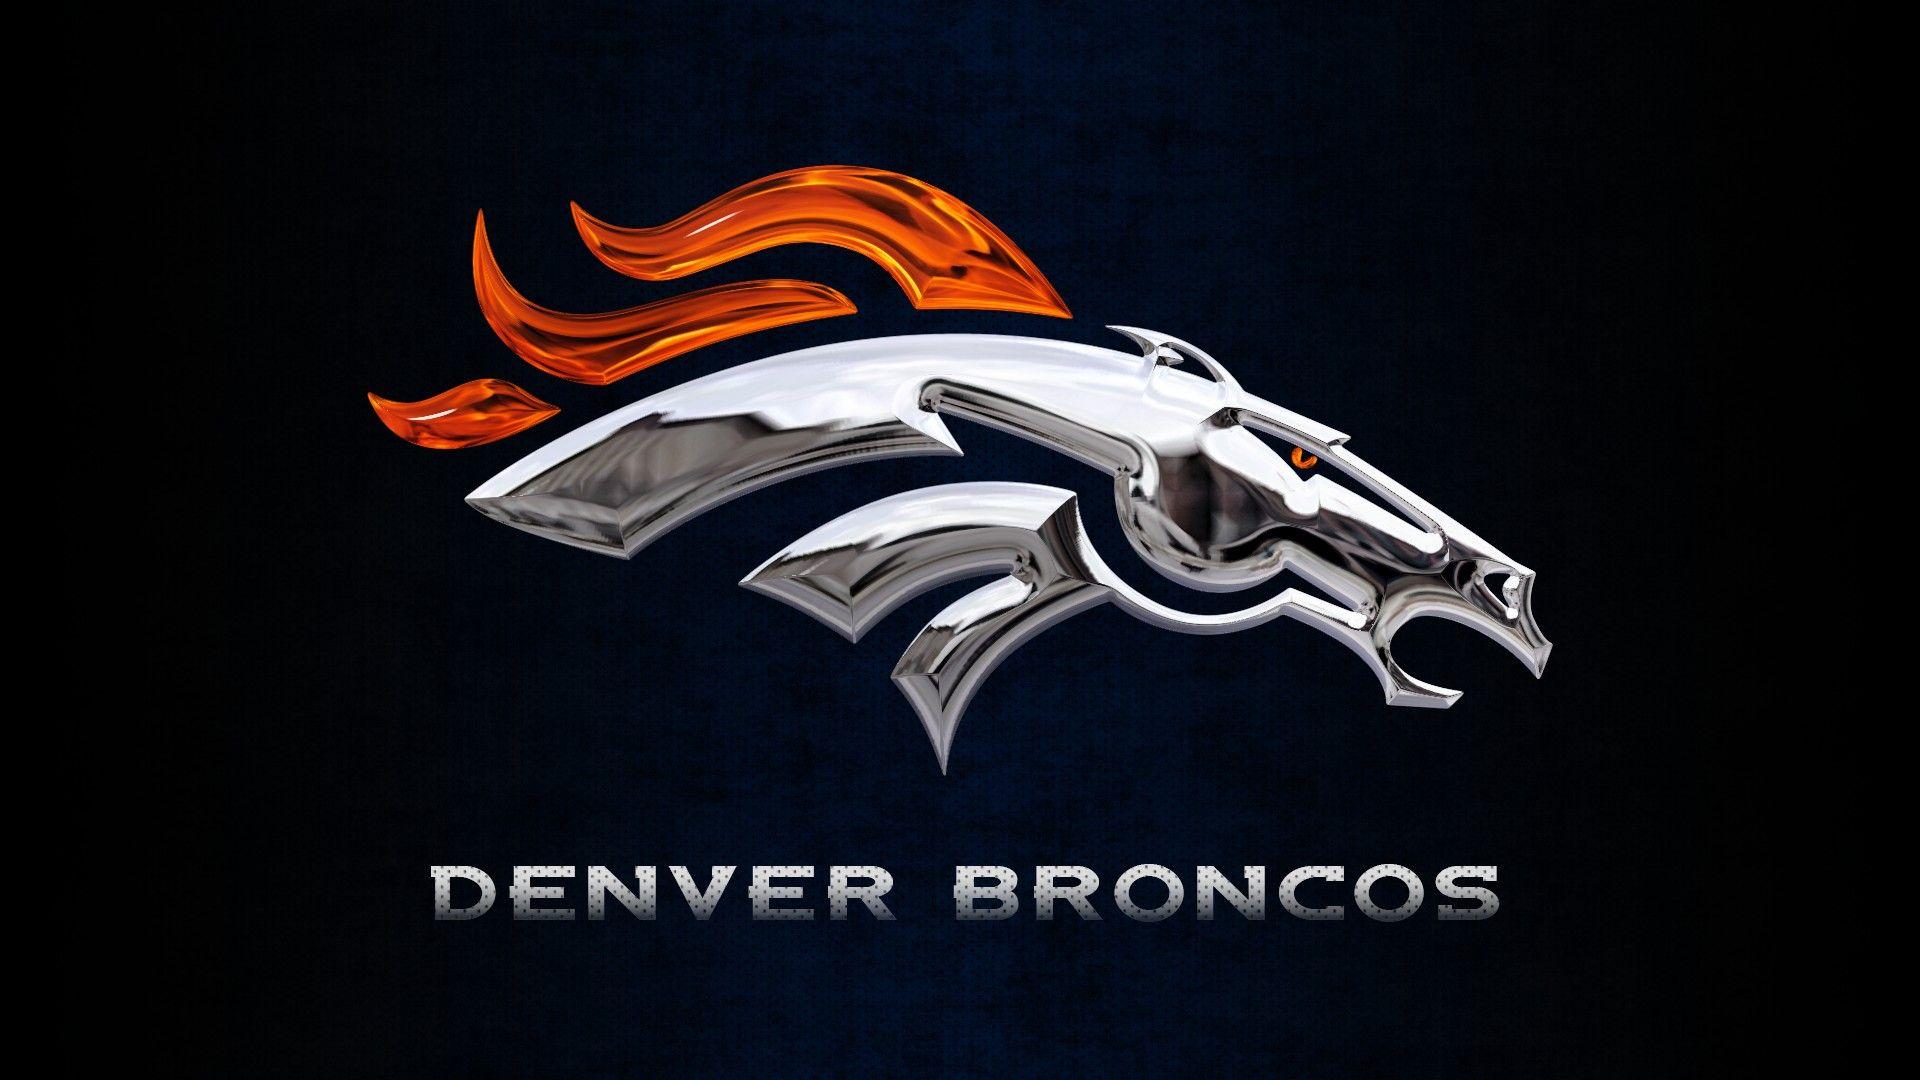 Denver Broncos Logo Super Bowl Wallpaper HD | Life for African ...